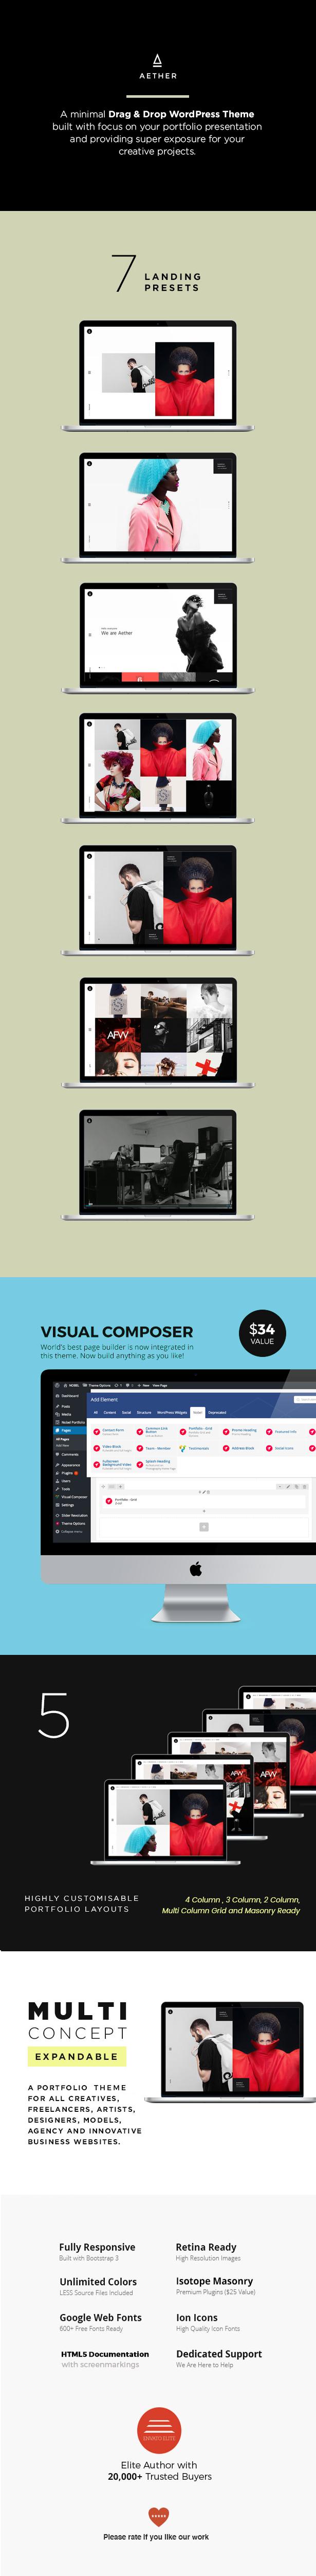 Aether - WordPress Minimal & Enjoyable Multi-Concept Portfolio / Agency Theme - 1